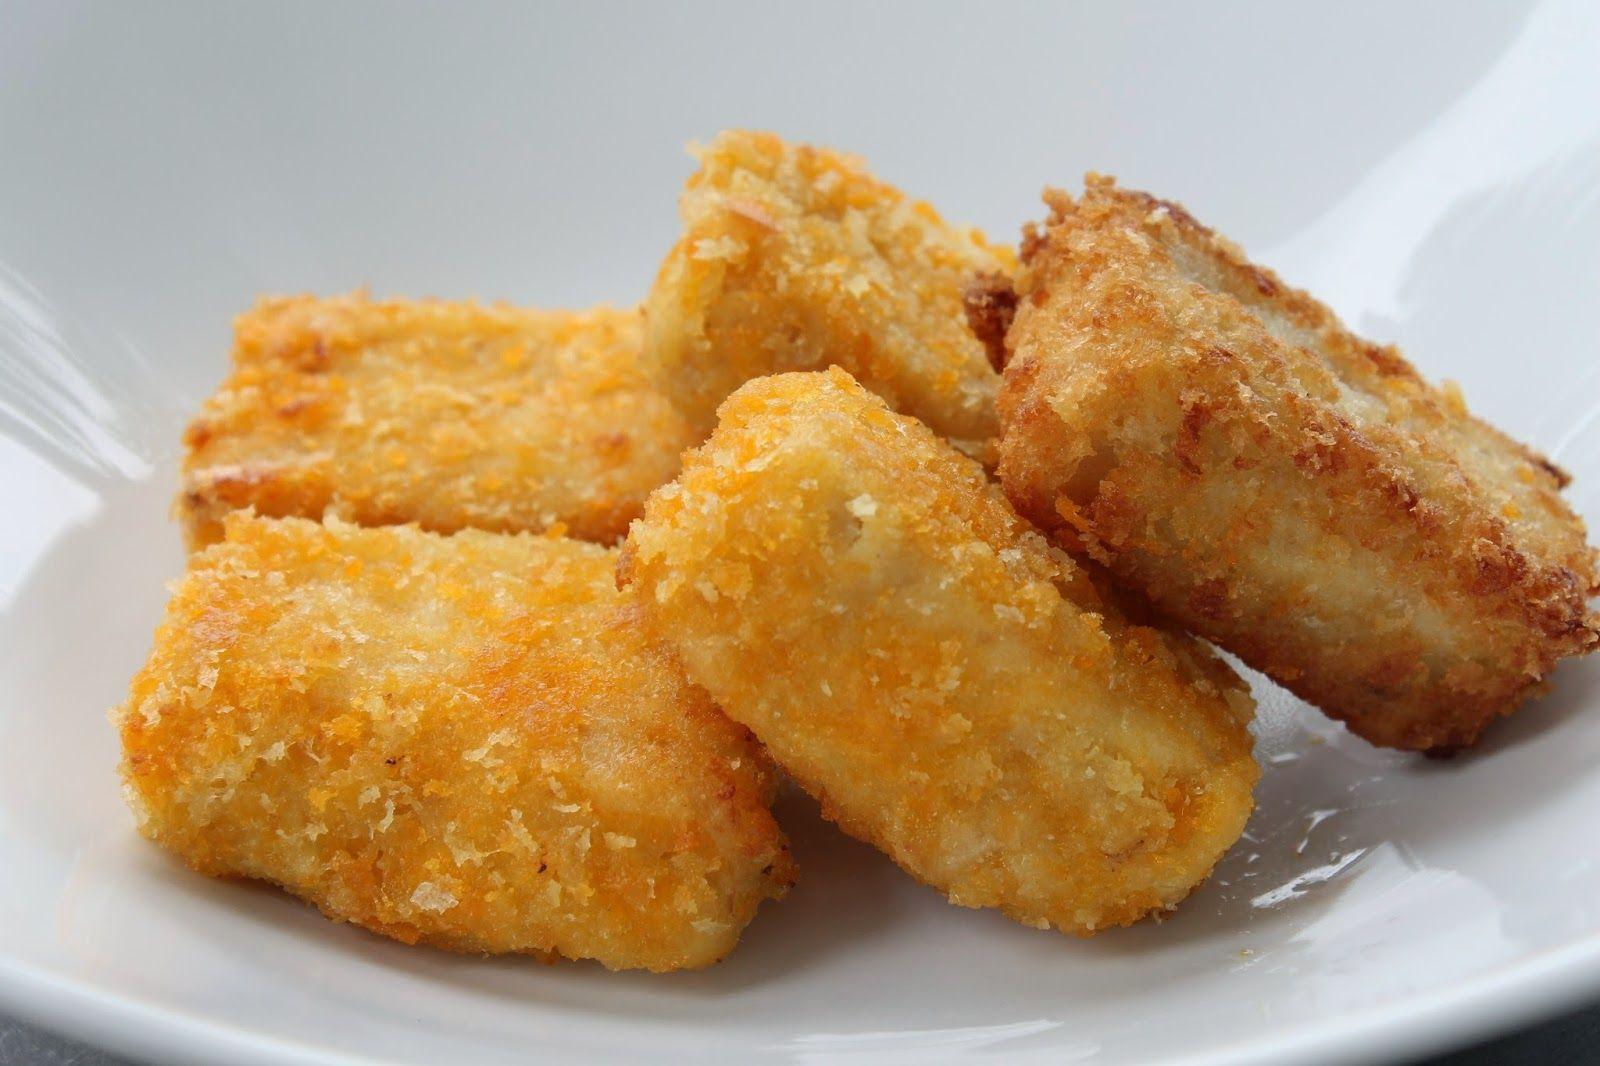 Resep Cara Membuat Nugget Ayam Enak Sehat Resep Resep Masakan Indonesia Ide Makanan